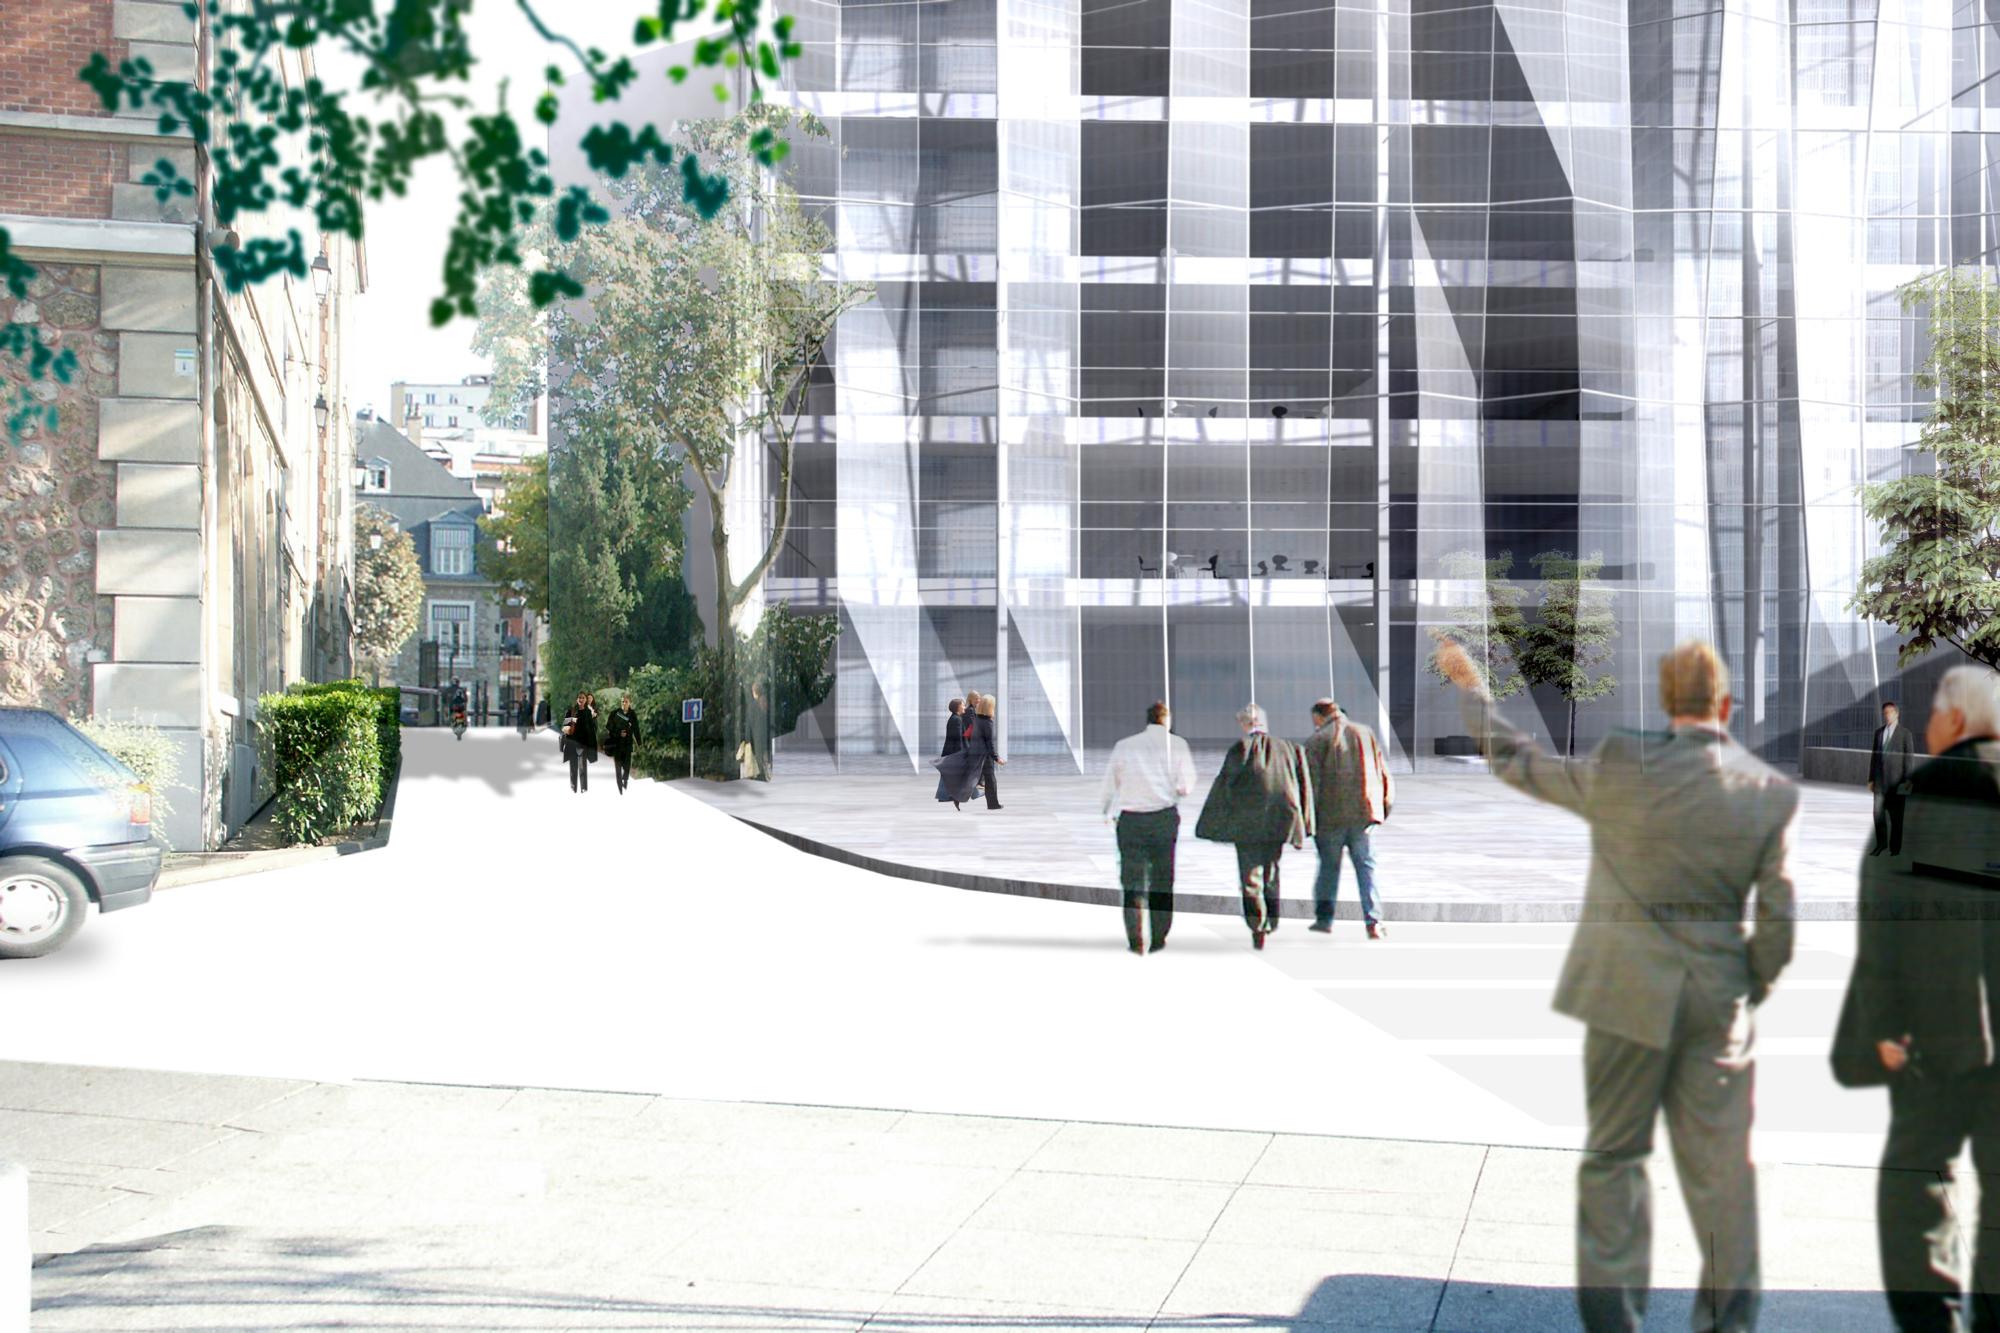 Pasteur Institute Paris